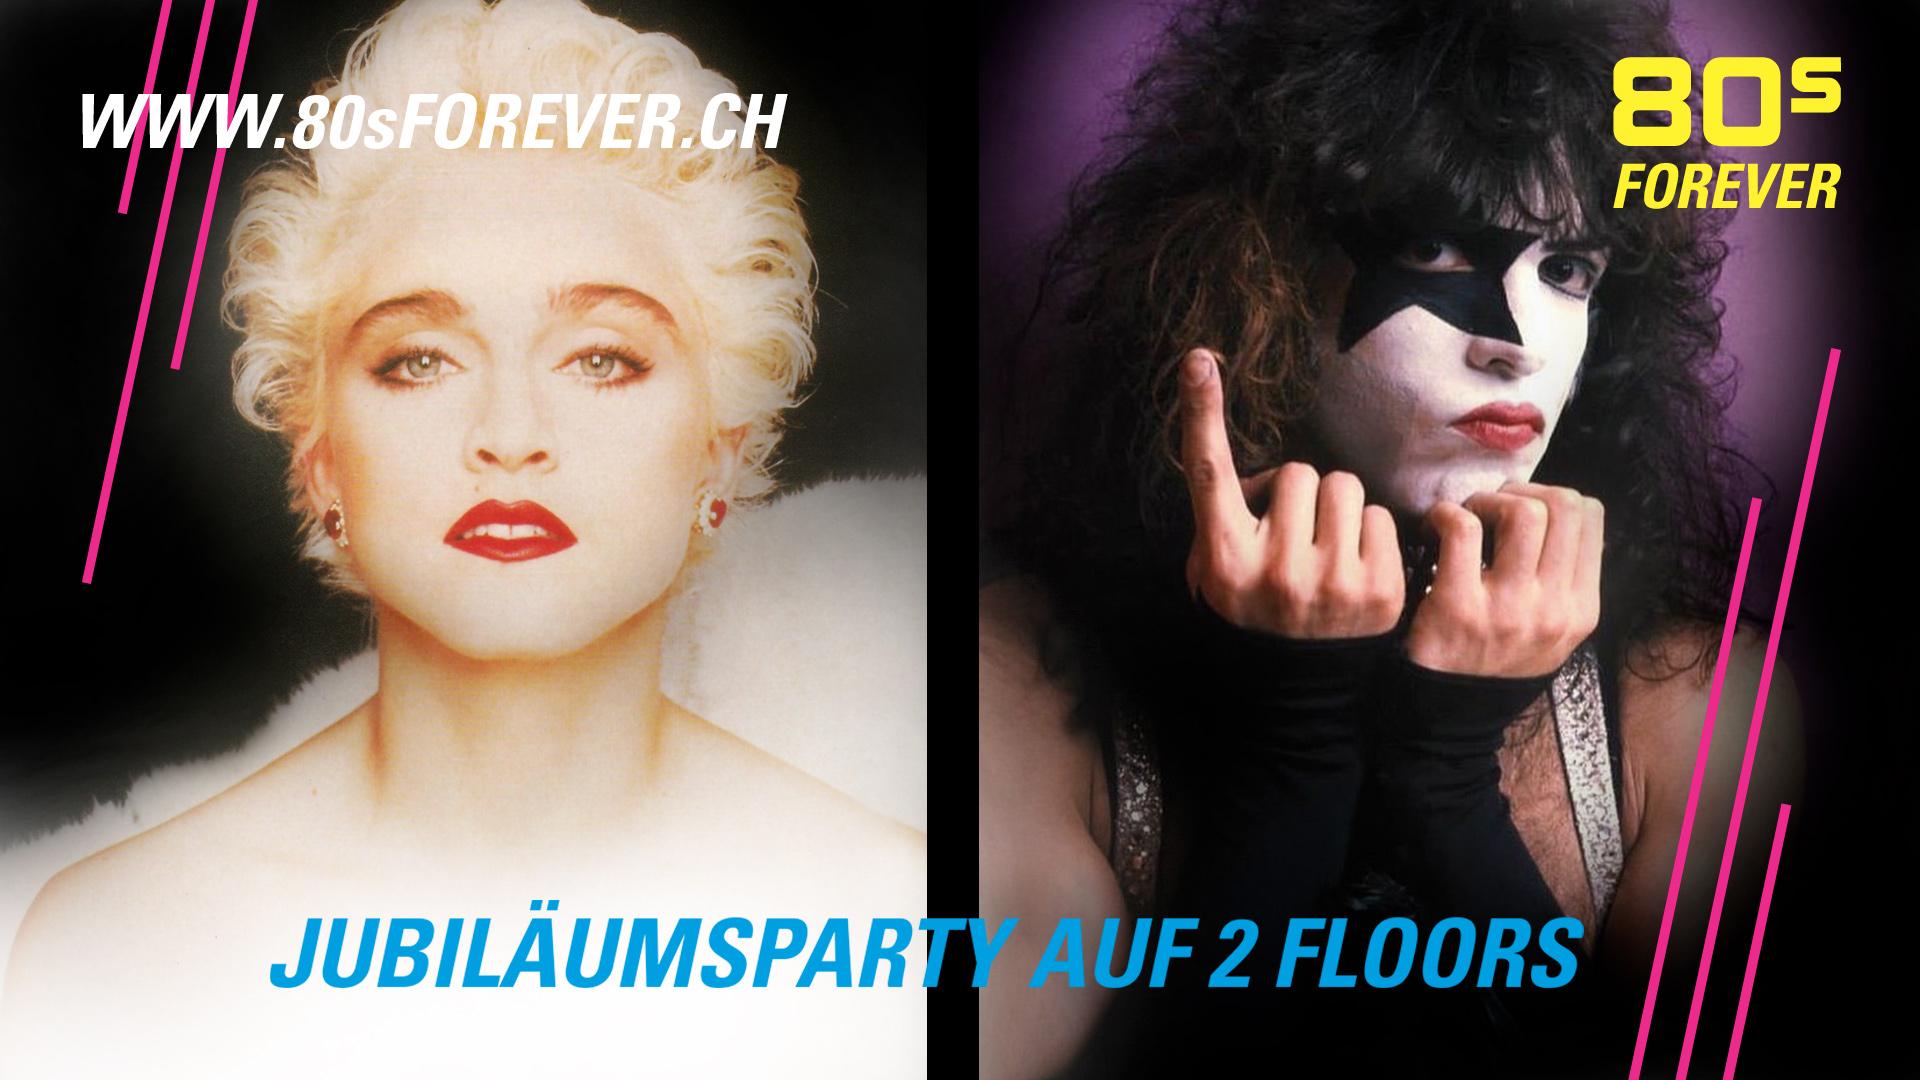 80s Forever Jubiläumsparty auf zwei Floors